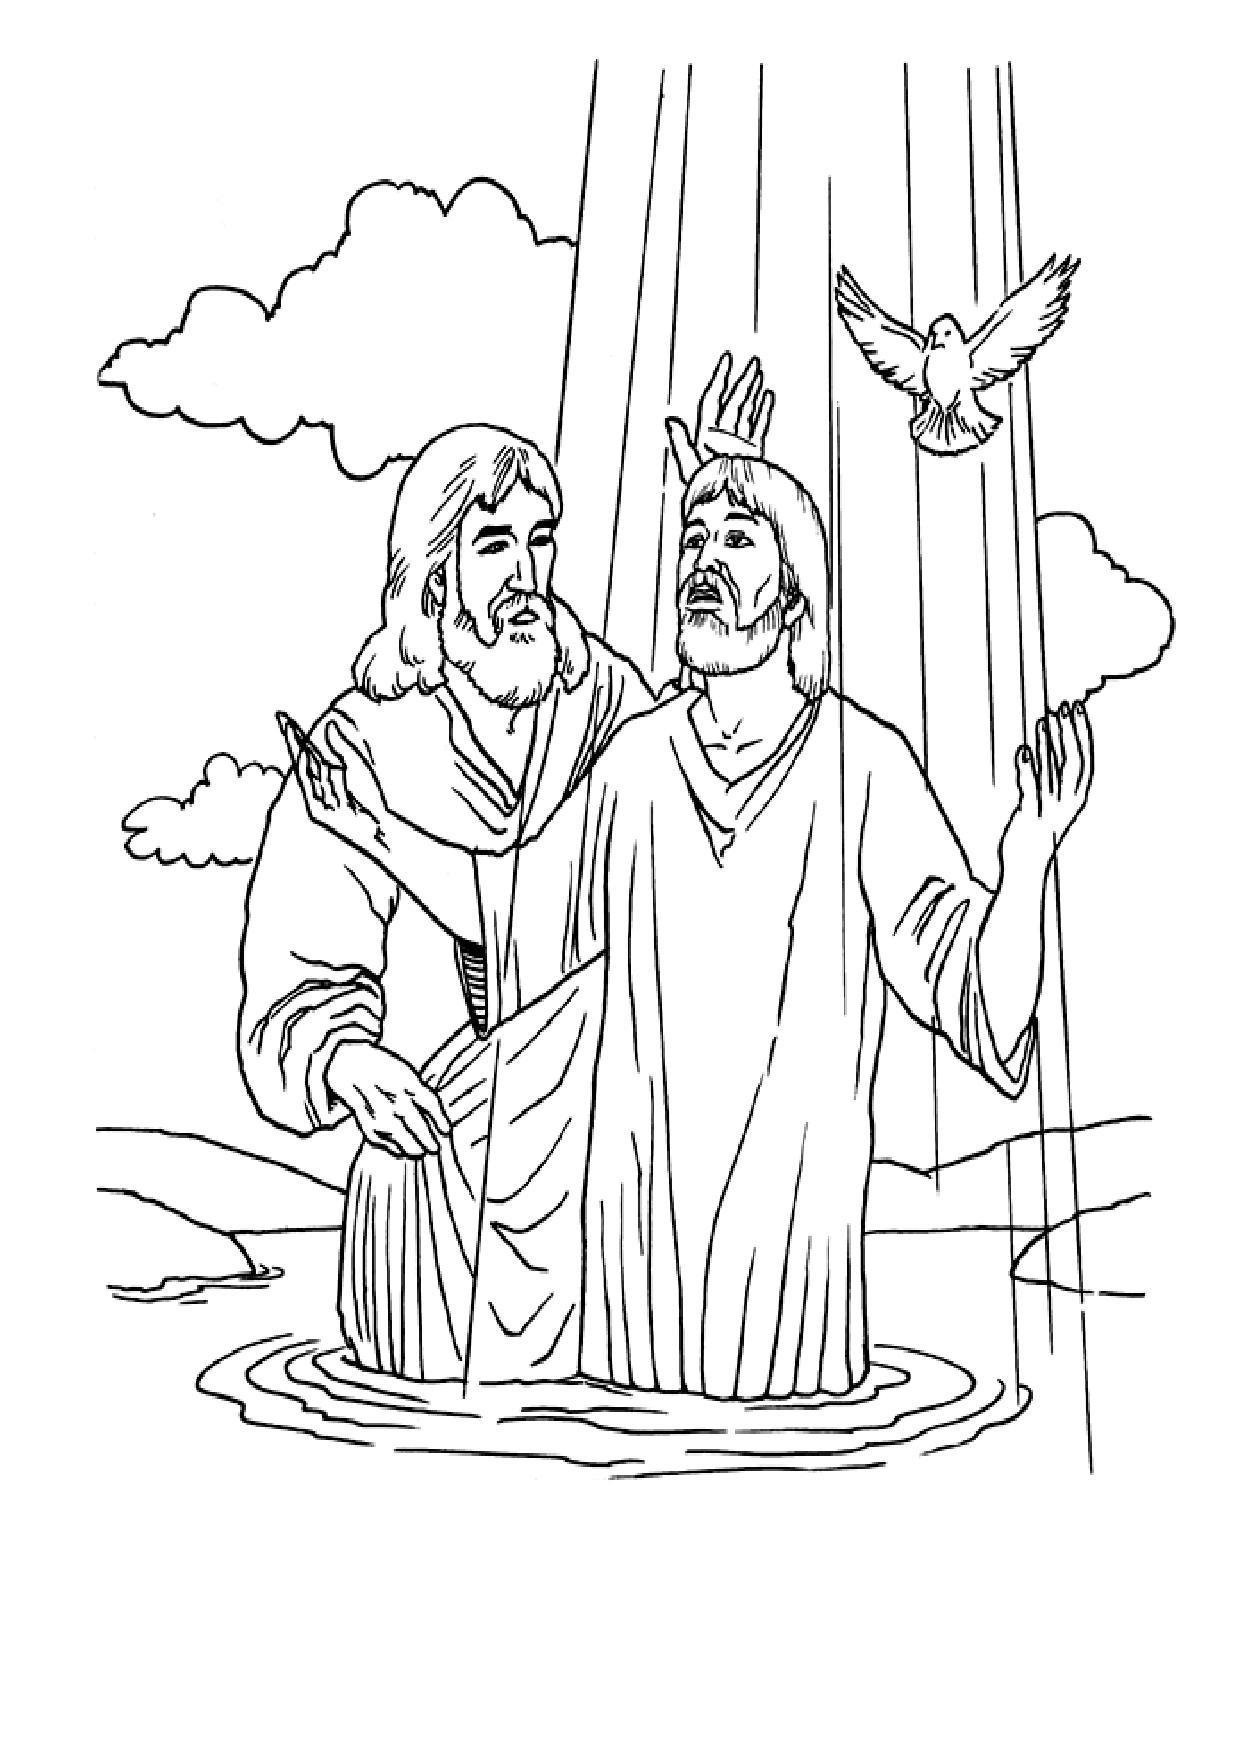 Lo Mejor De Imagenes De Jesus Para Colorea | Colore Ar La Imagen